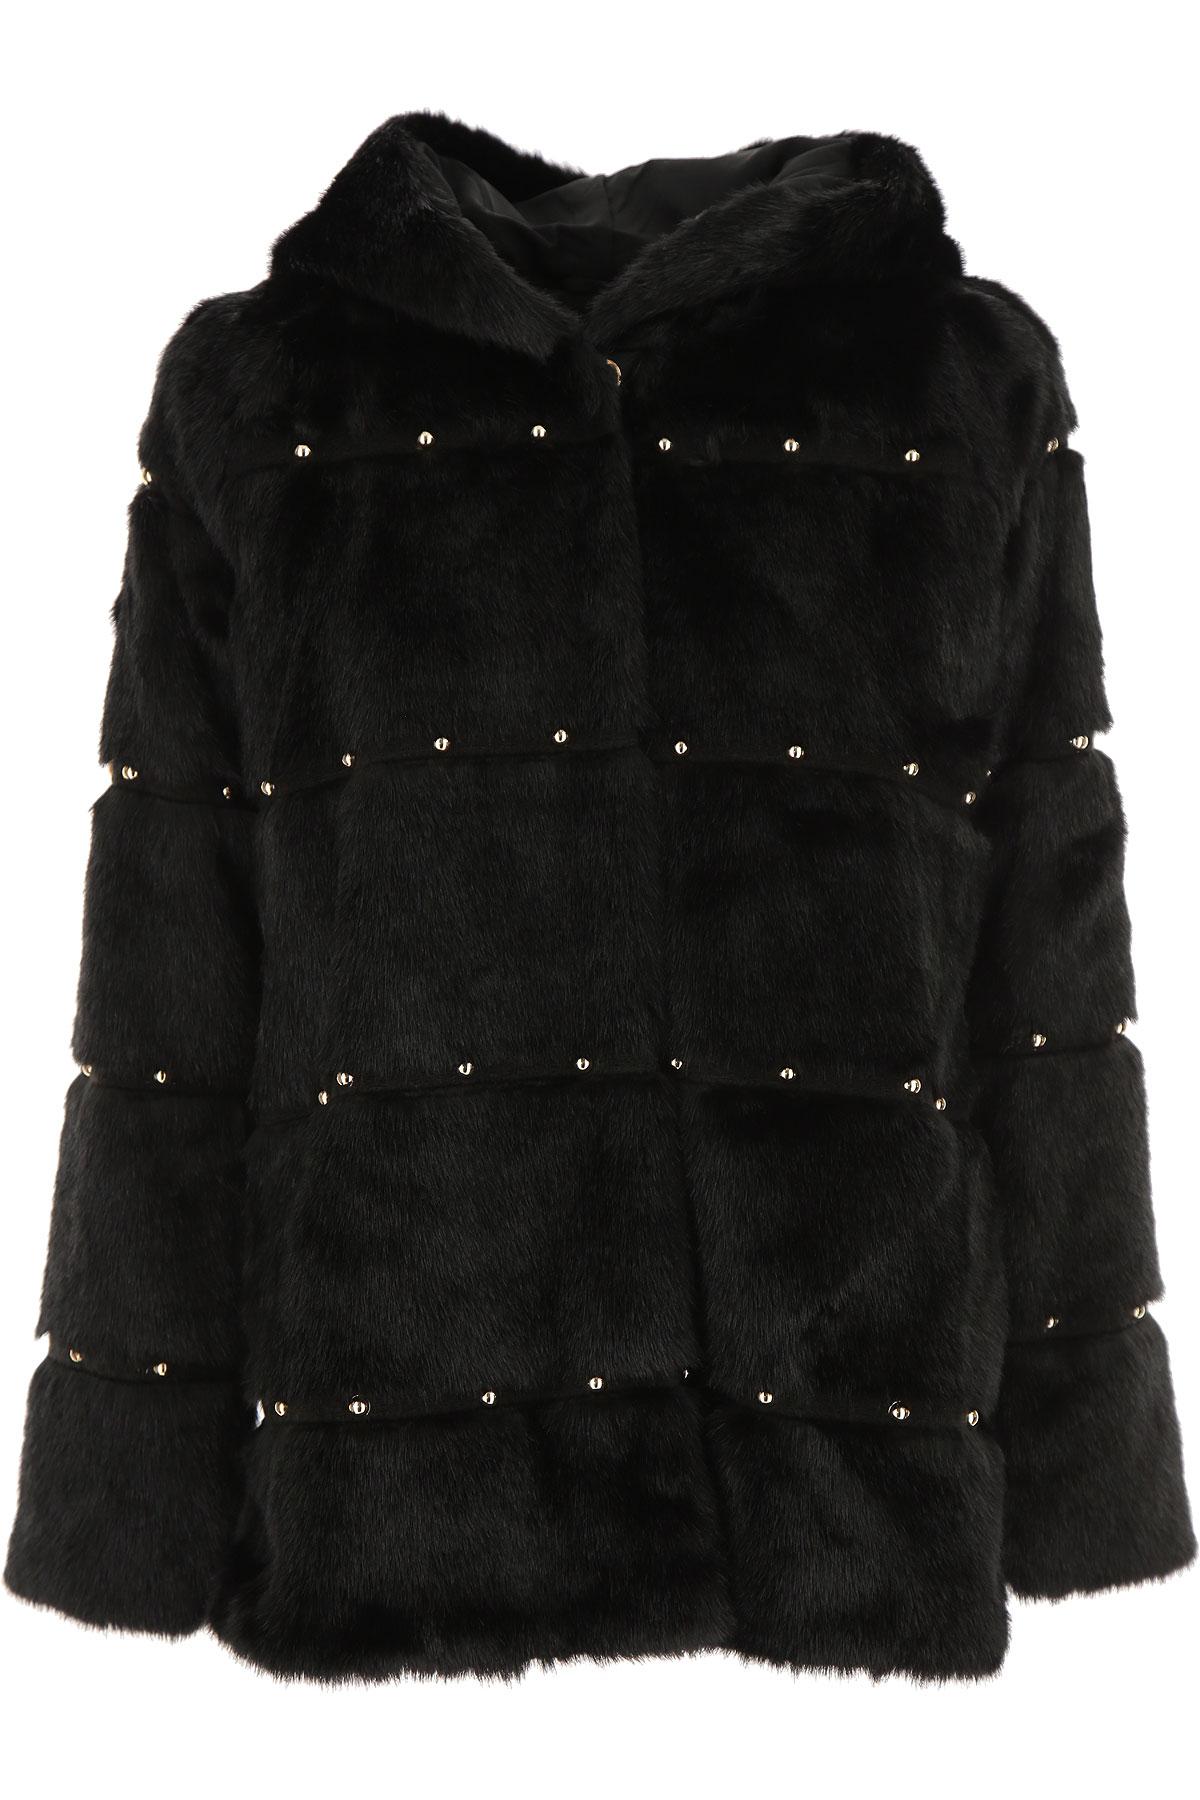 Liu Jo {DESIGNER} Kids Coat for Girls On Sale, Black, modacrylic, 2019, L (16Y) M (14Y) S (12Y)